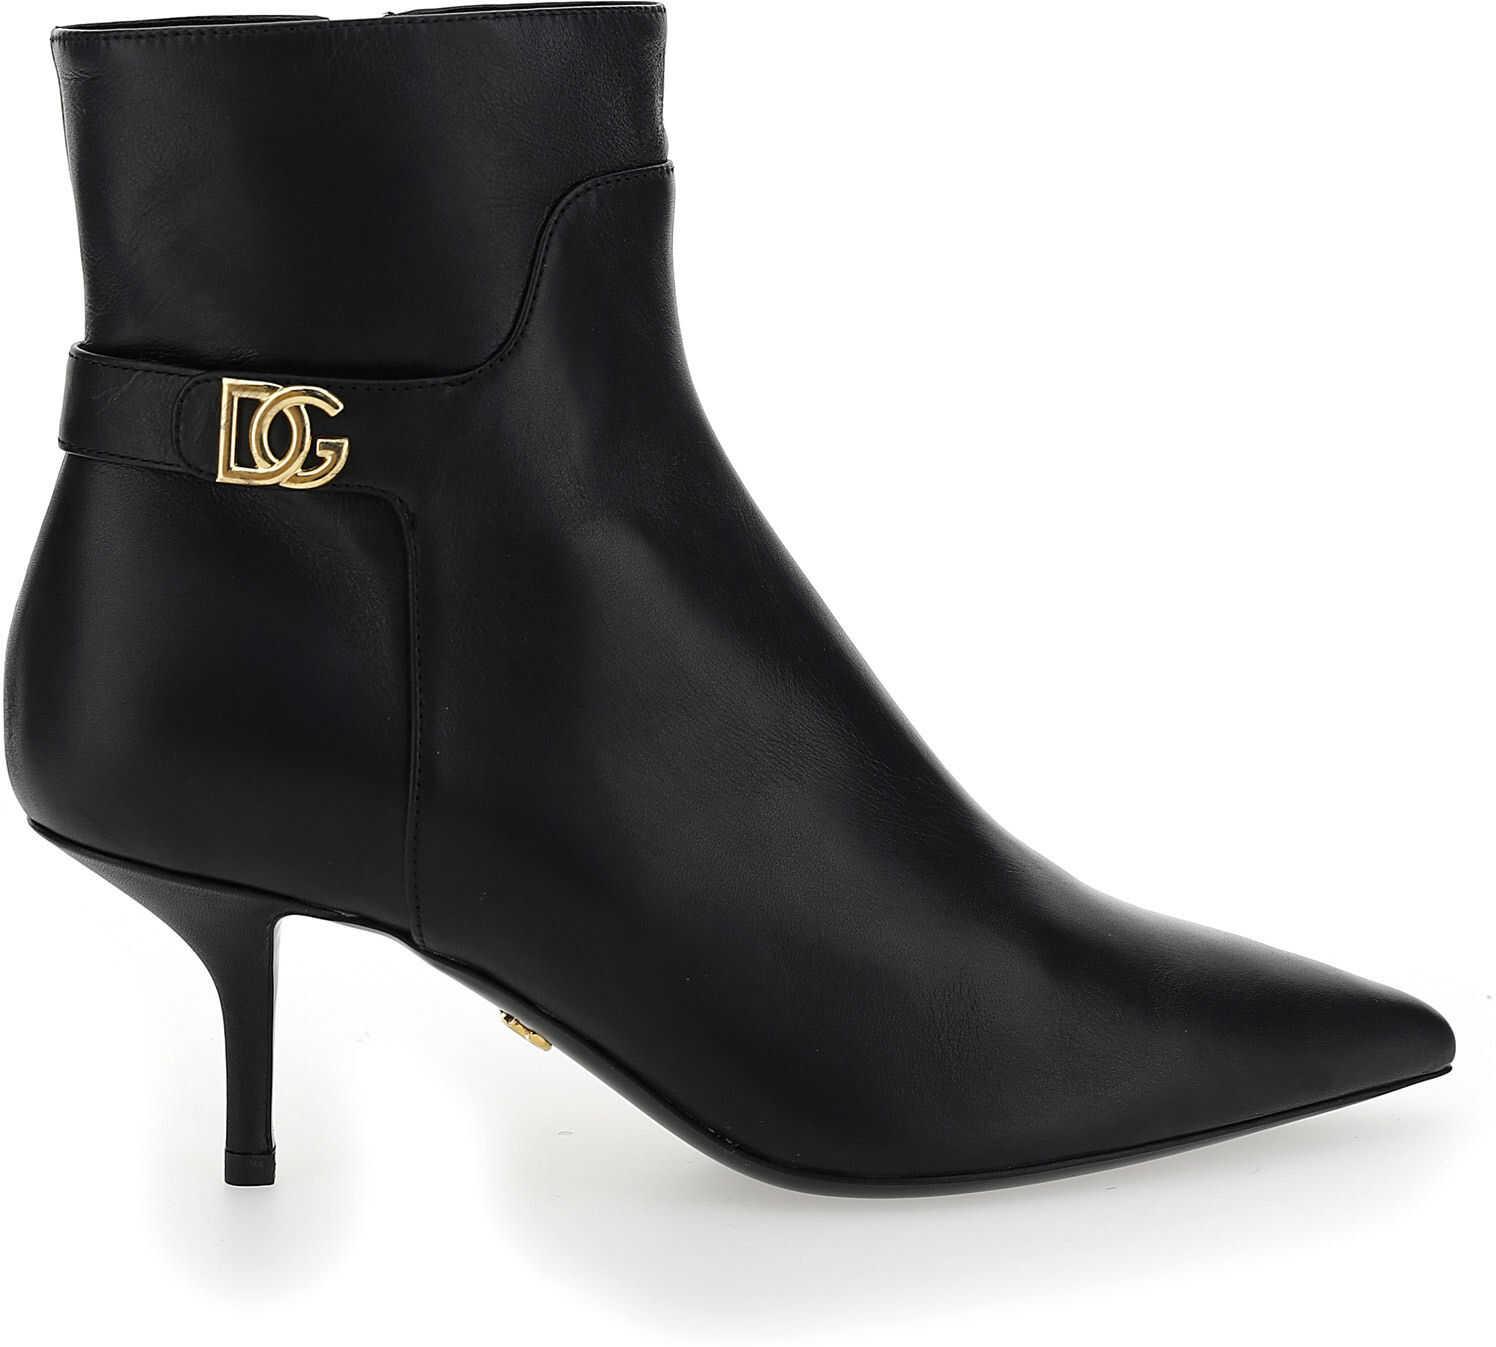 Dolce & Gabbana Bootie CT0700AW695 NERO imagine b-mall.ro